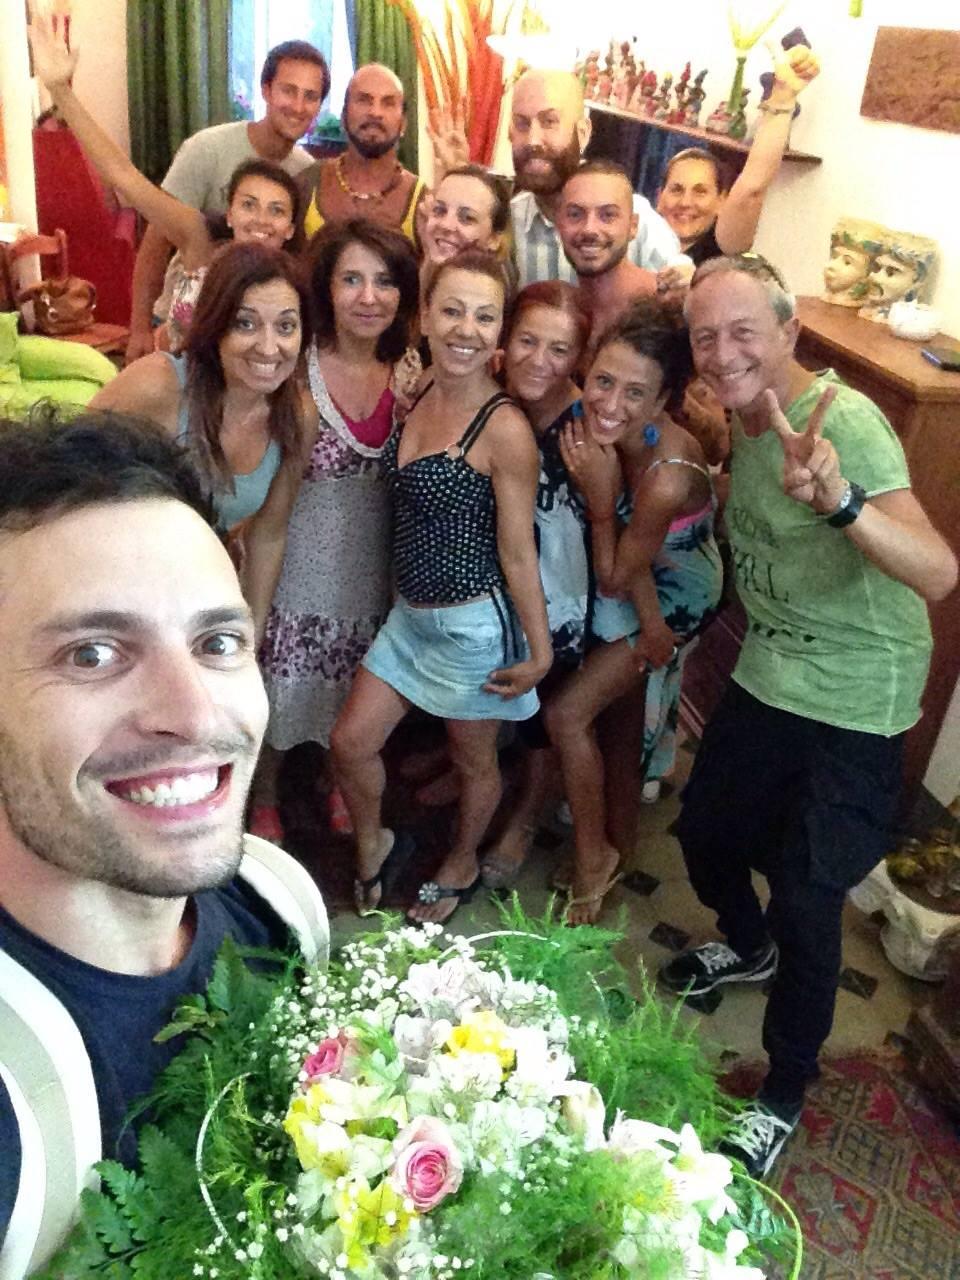 Rock chiesa in italia felice insieme dopo il gruppo di cellule sorride la pace